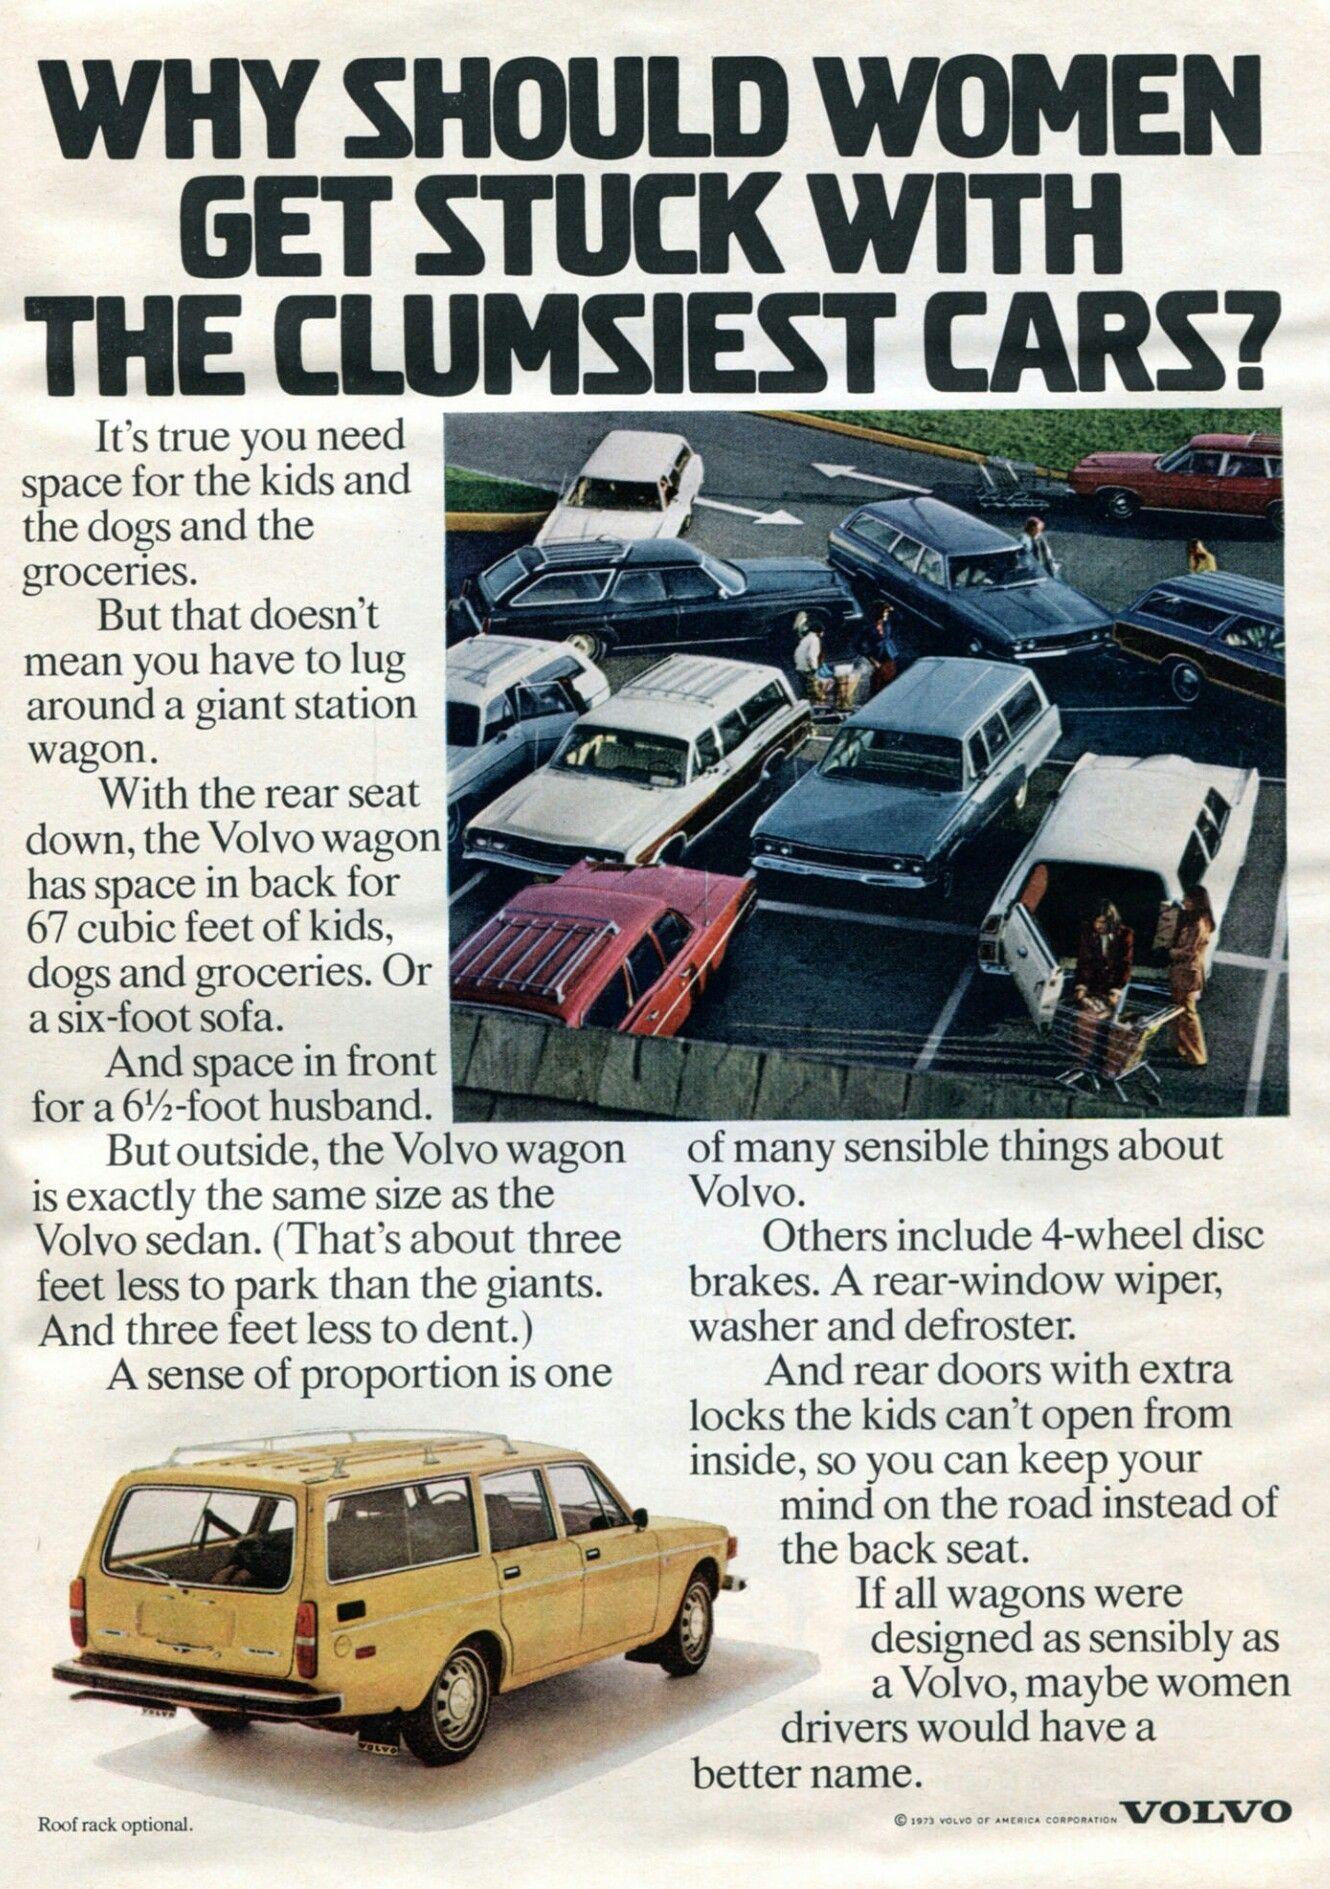 1973 Volvo Station Wagon | wagons | Pinterest | Station wagon, Volvo ...